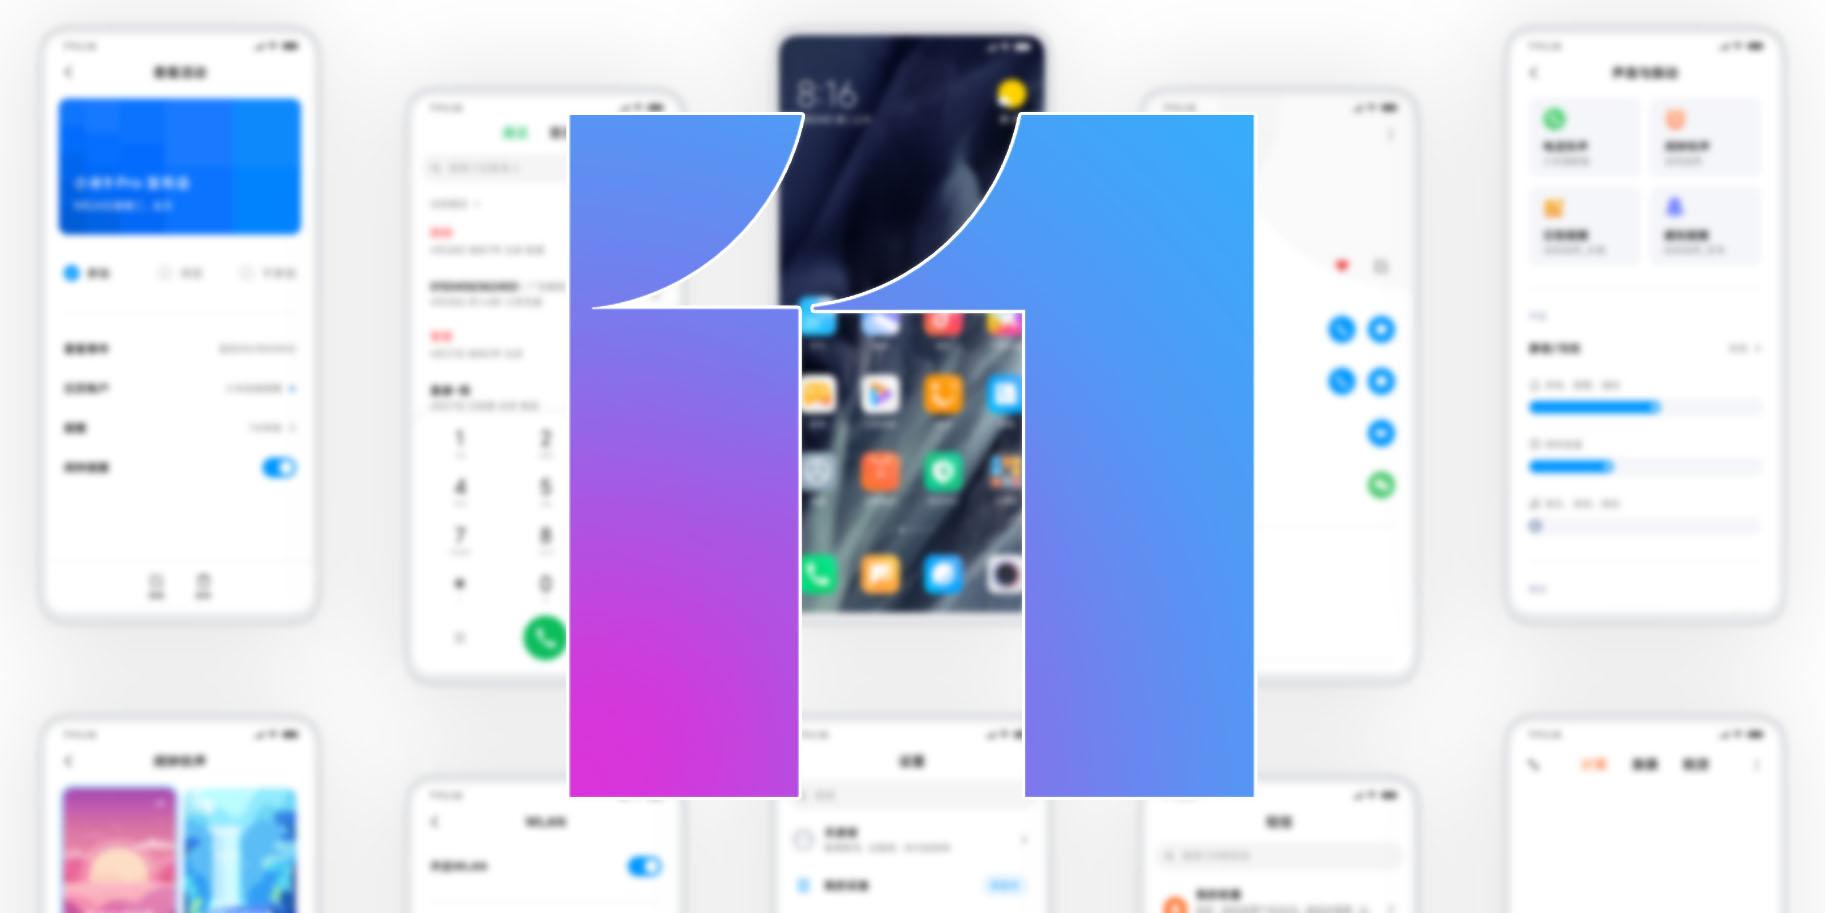 Miui 11 Voilà Le Calendrier De Mise à Jour Pour Les Smartphones Xiaomi